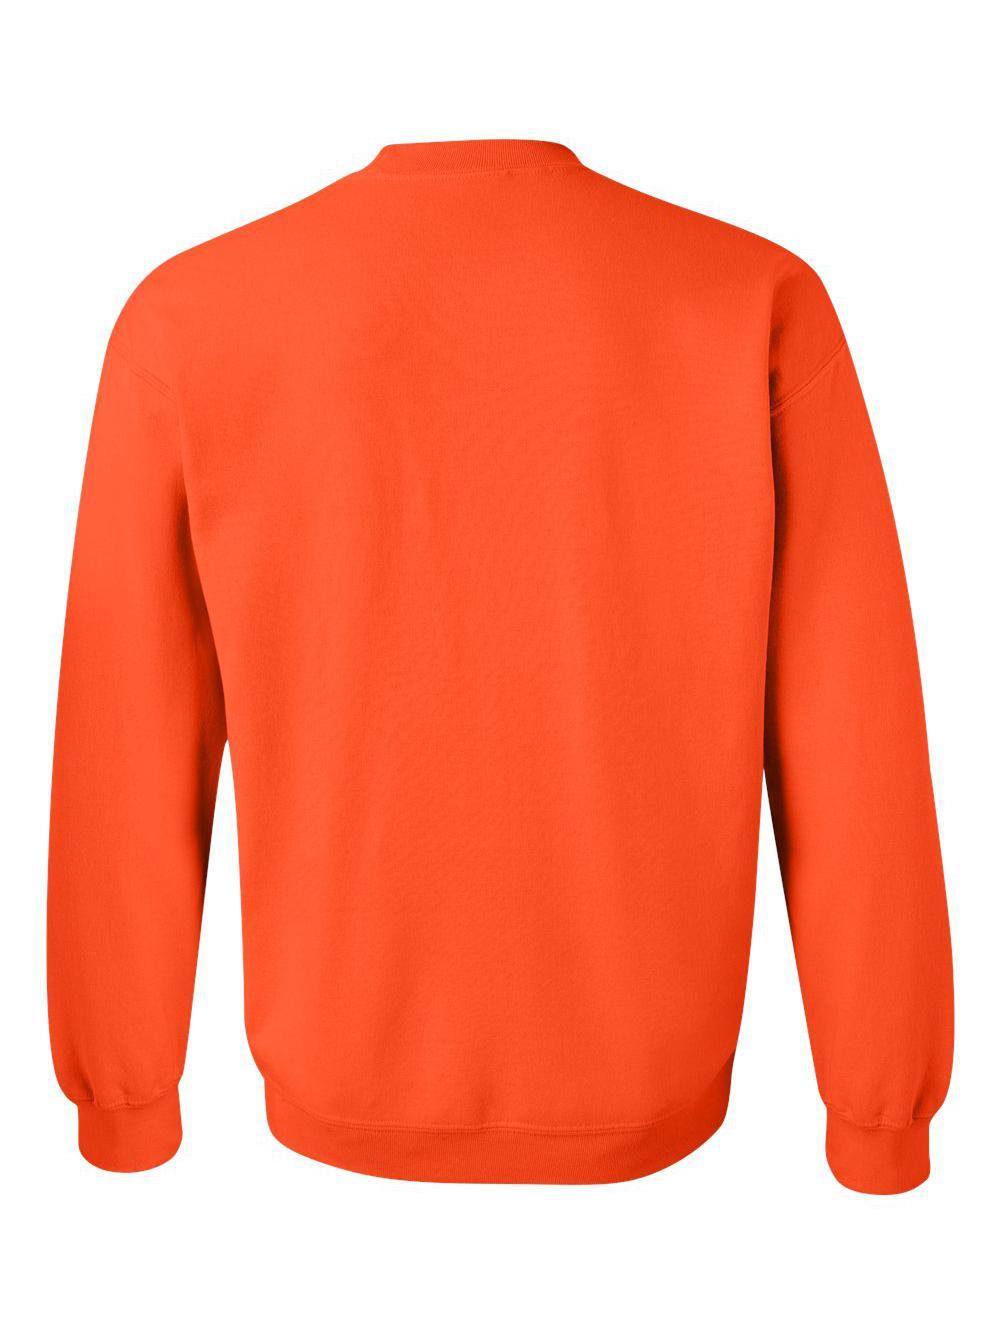 Gildan-Heavy-Blend-Crewneck-Sweatshirt-18000 thumbnail 79